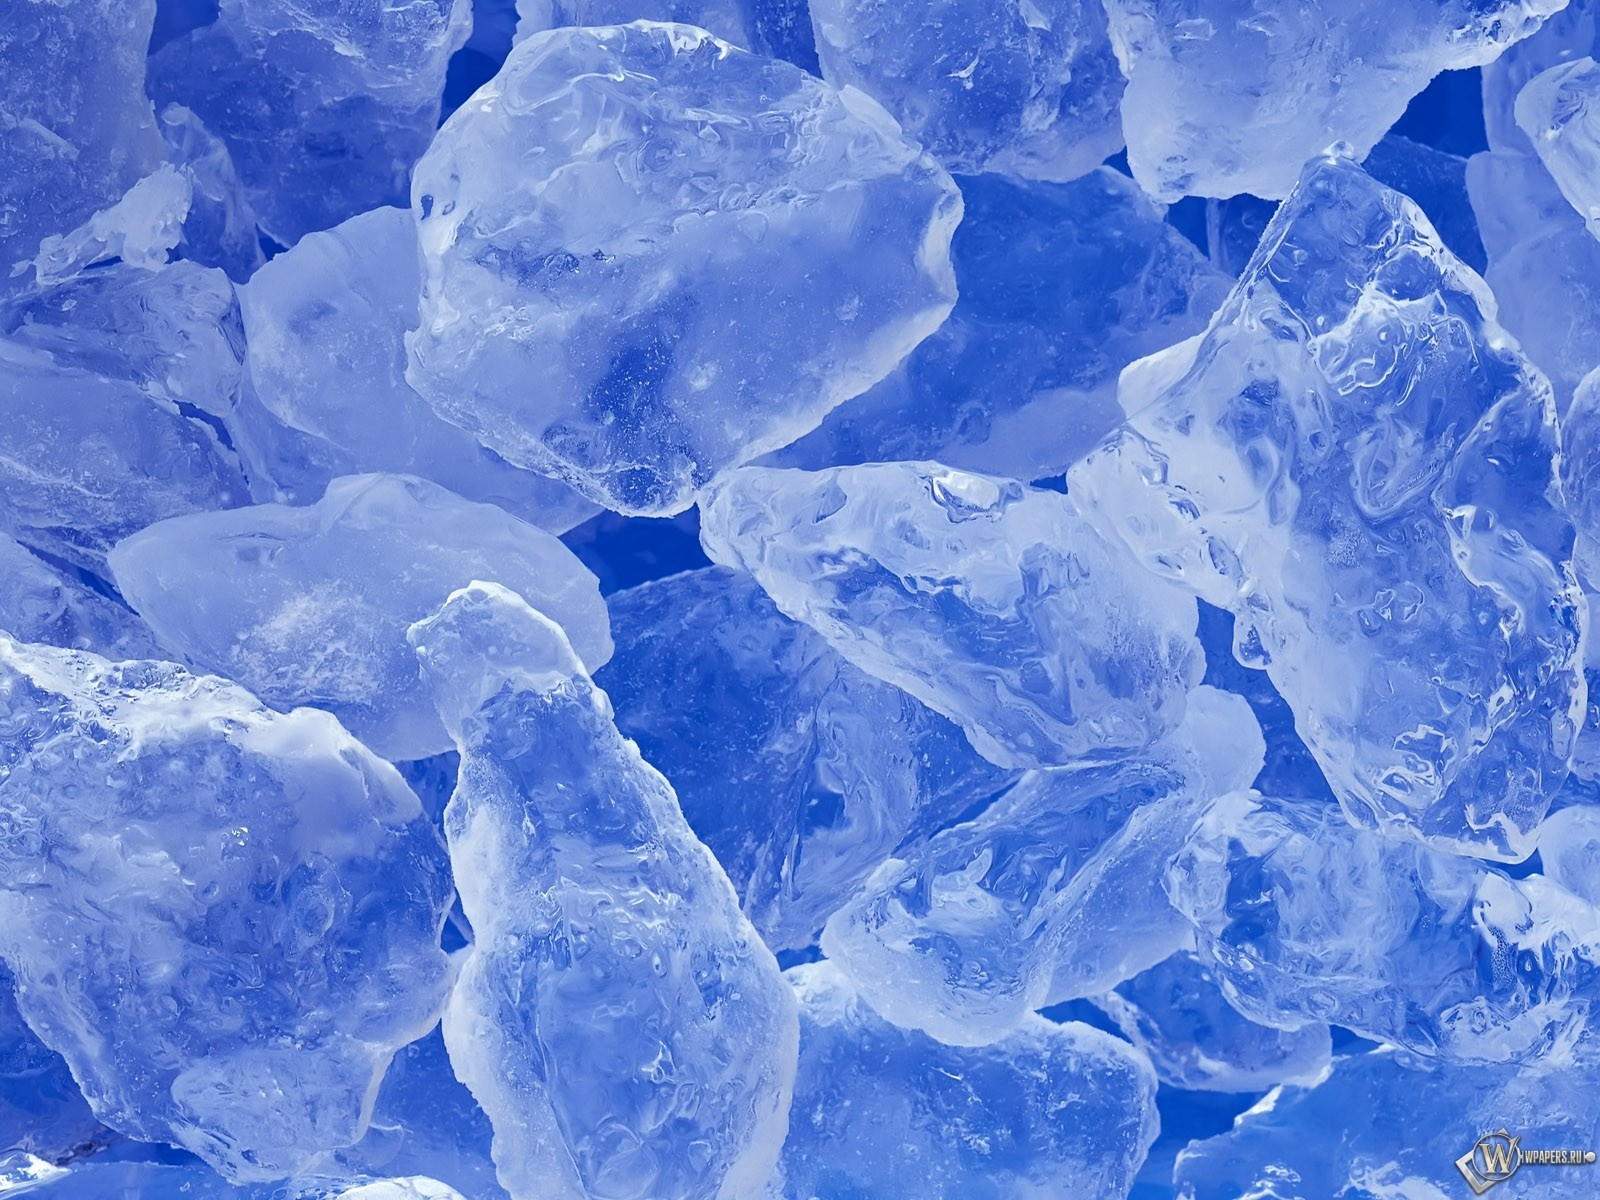 Покрошенный лёд 1600x1200